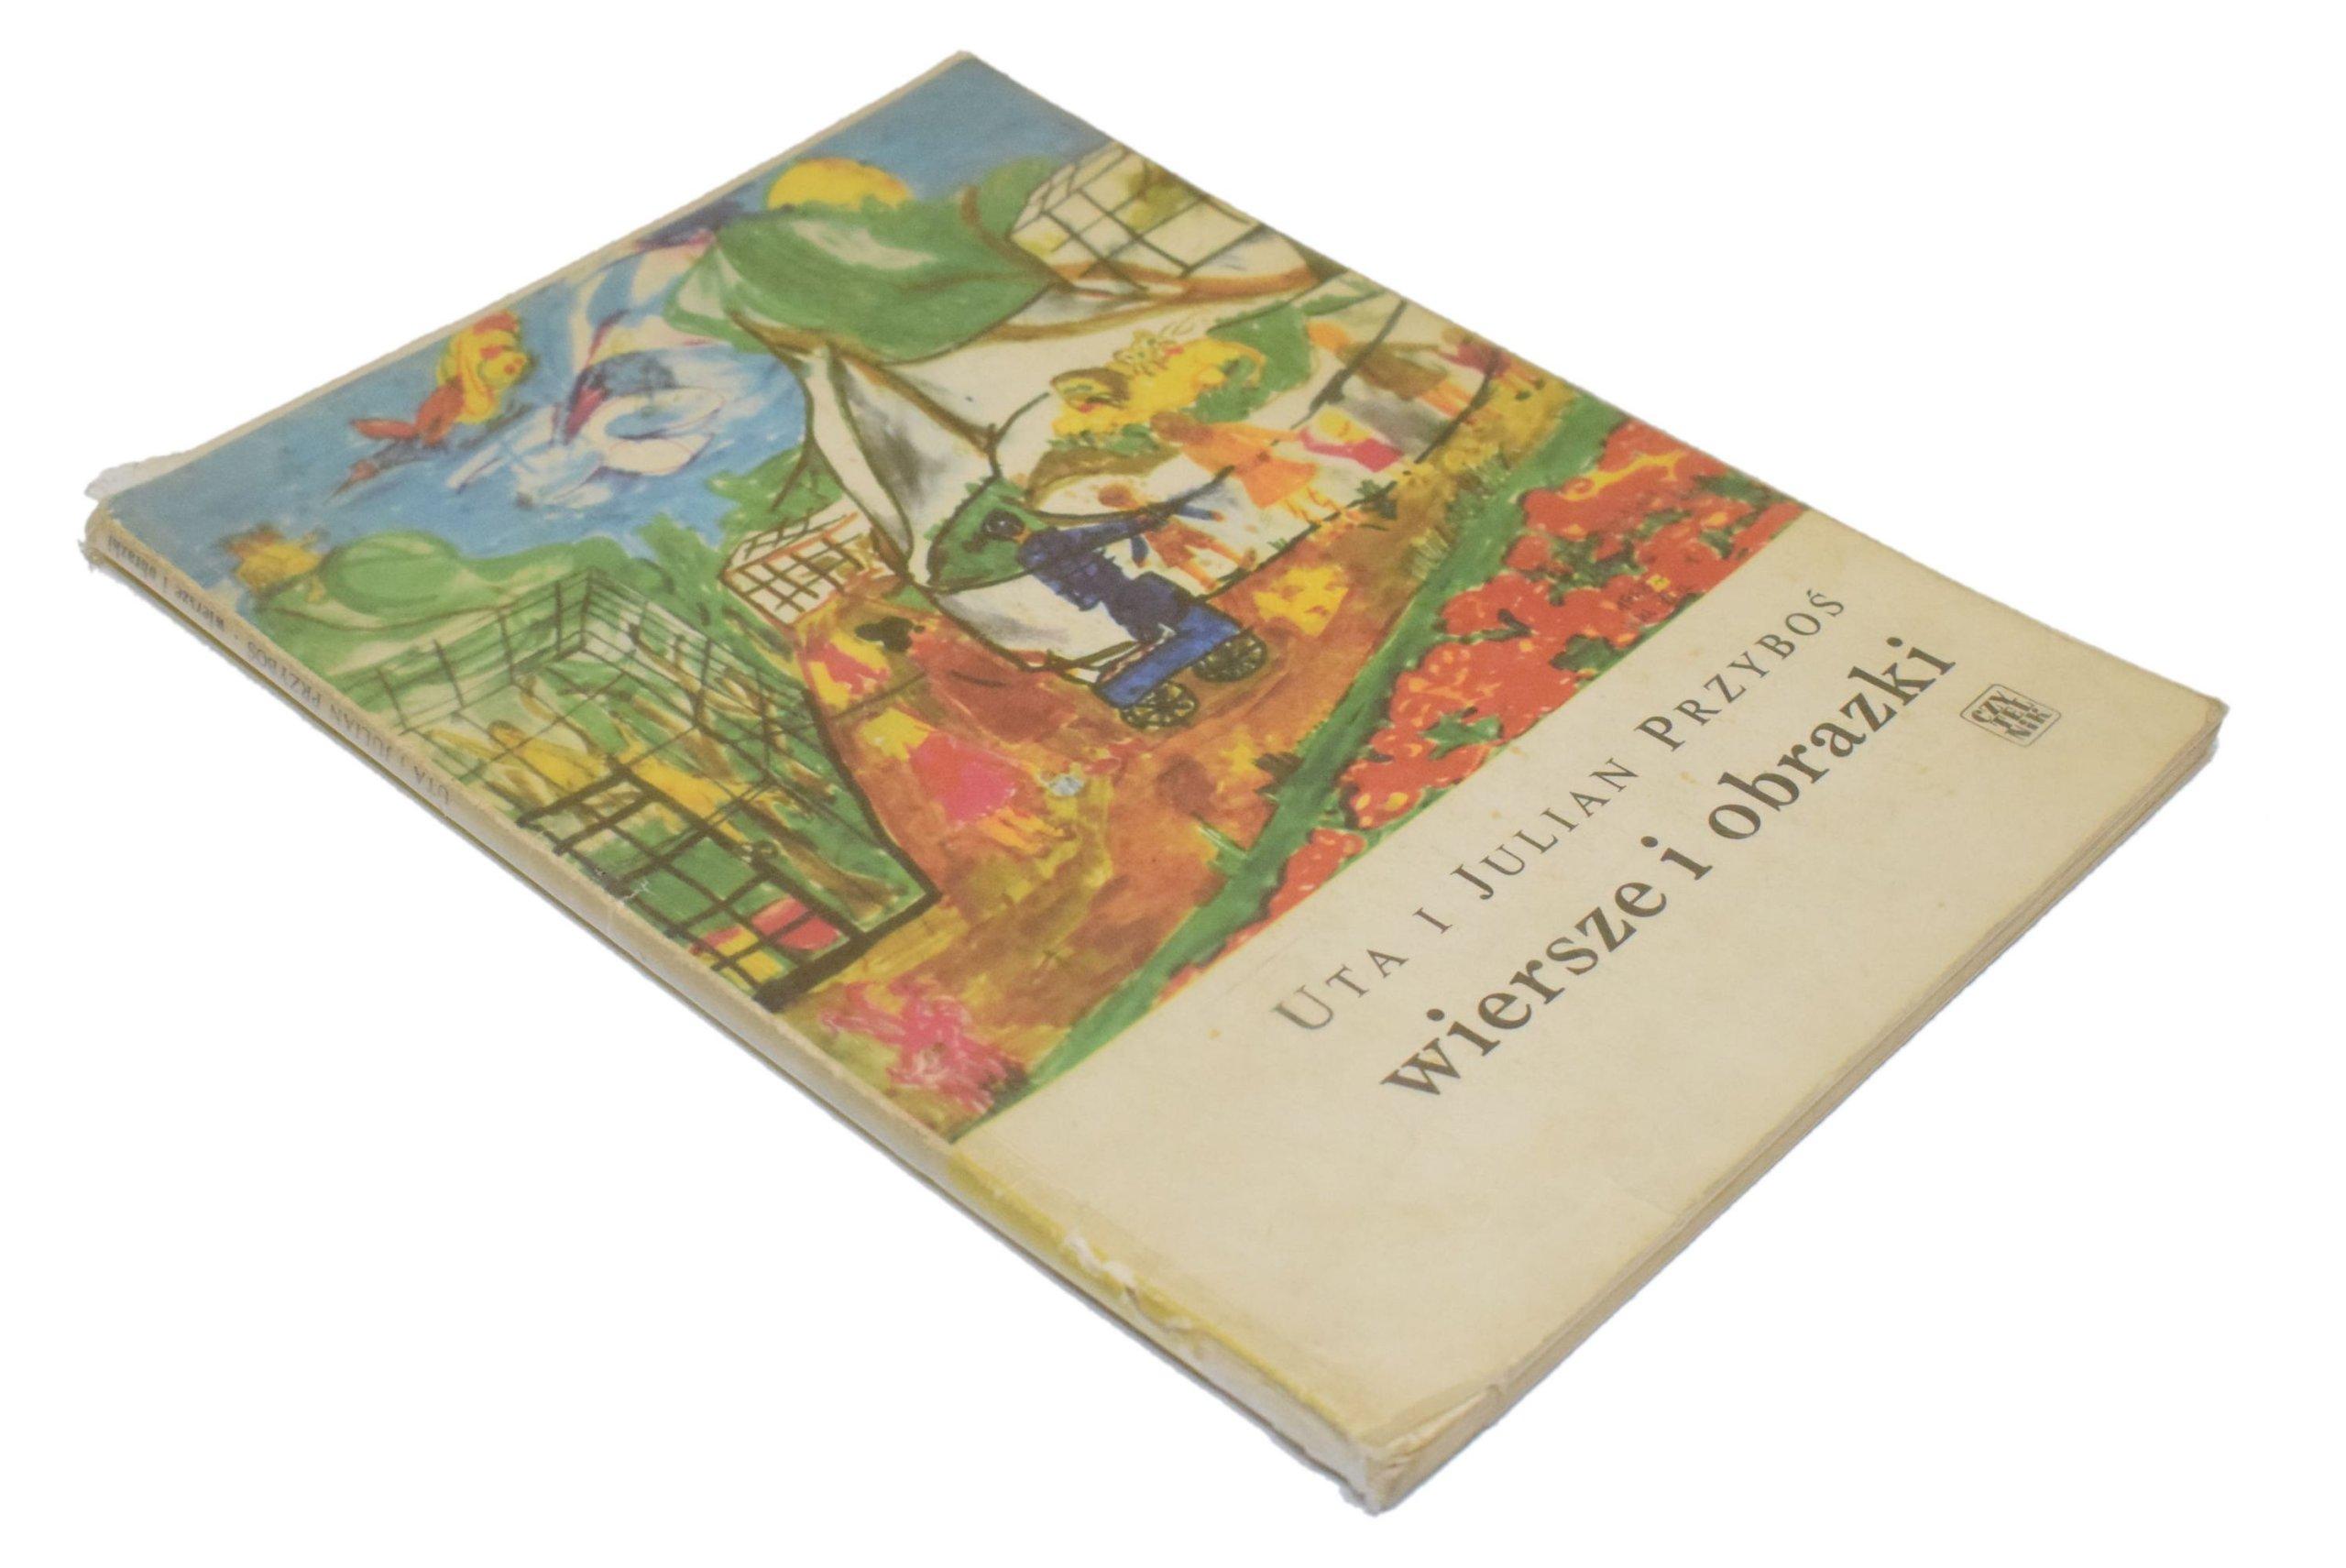 Wiersze I Obrazki Przyboś 7353454157 Oficjalne Archiwum